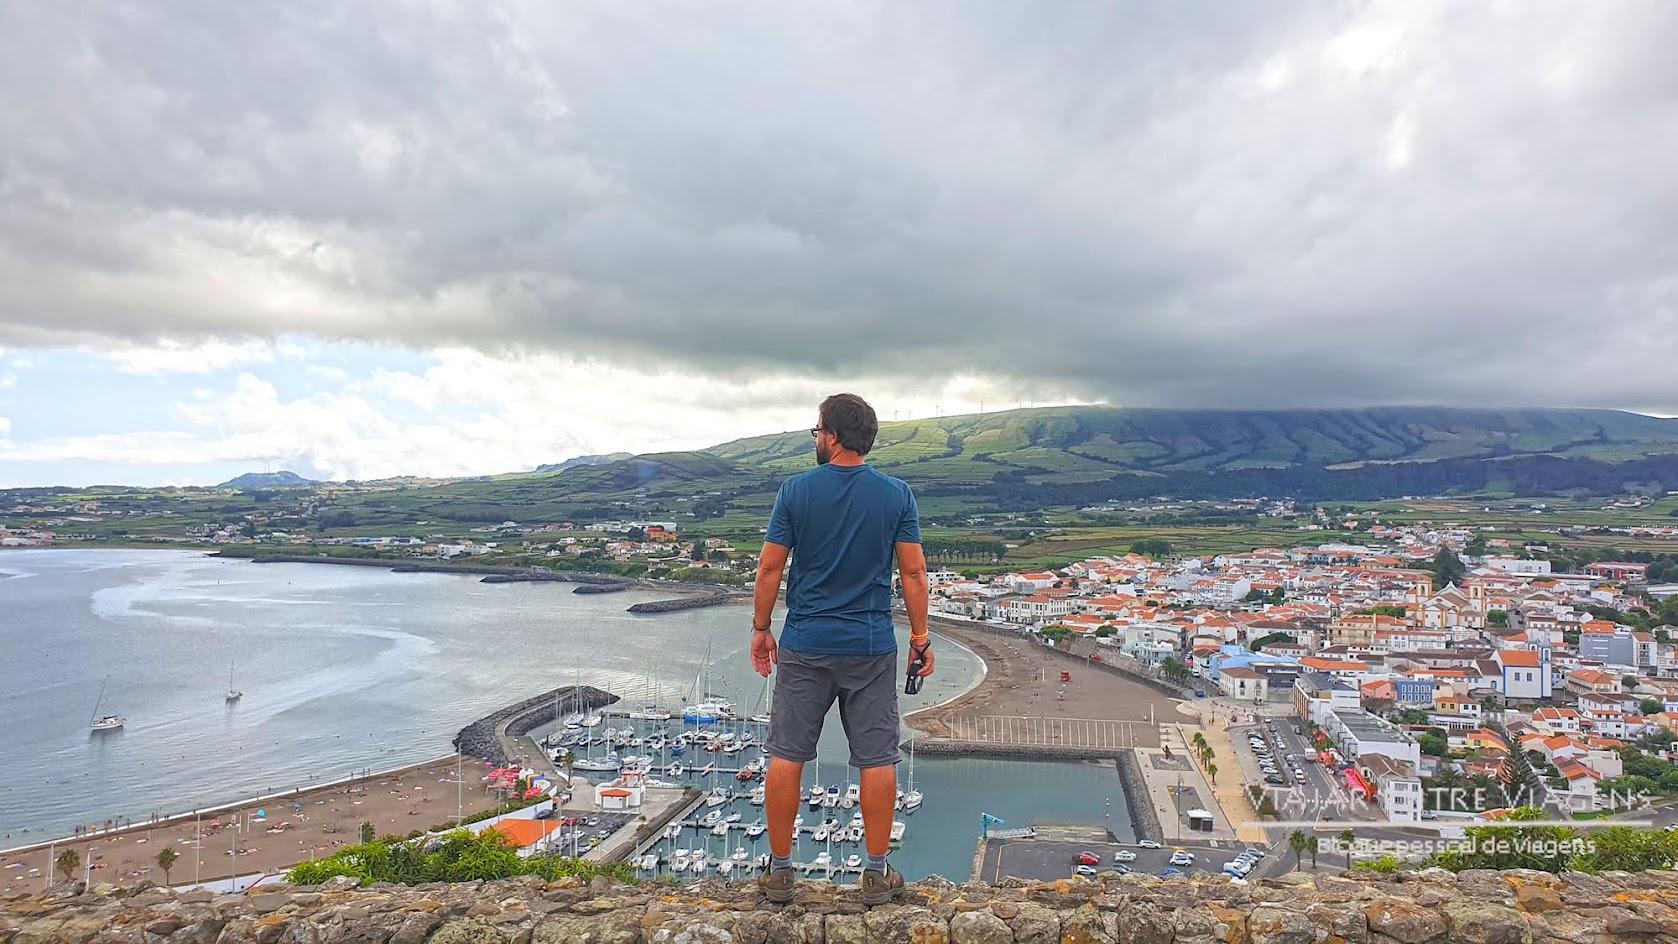 Desfrutar das vistas do Miradouro do Facho, na ilha Terceira